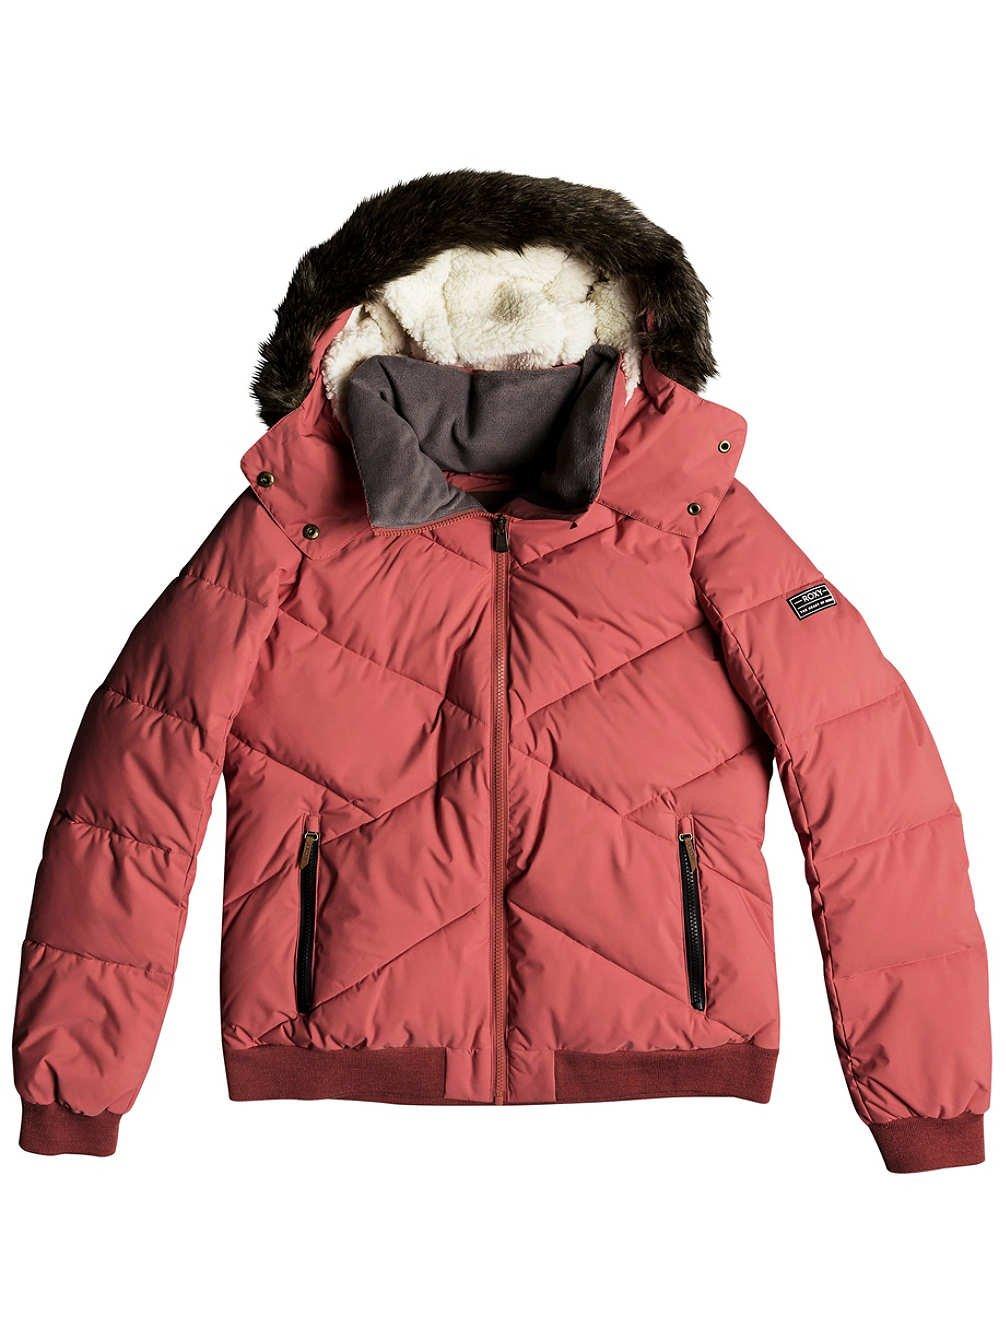 buy online 58afc c1de8 Roxy Hanna Cappotti Donne Rosa - M - Piumini: Amazon.it ...